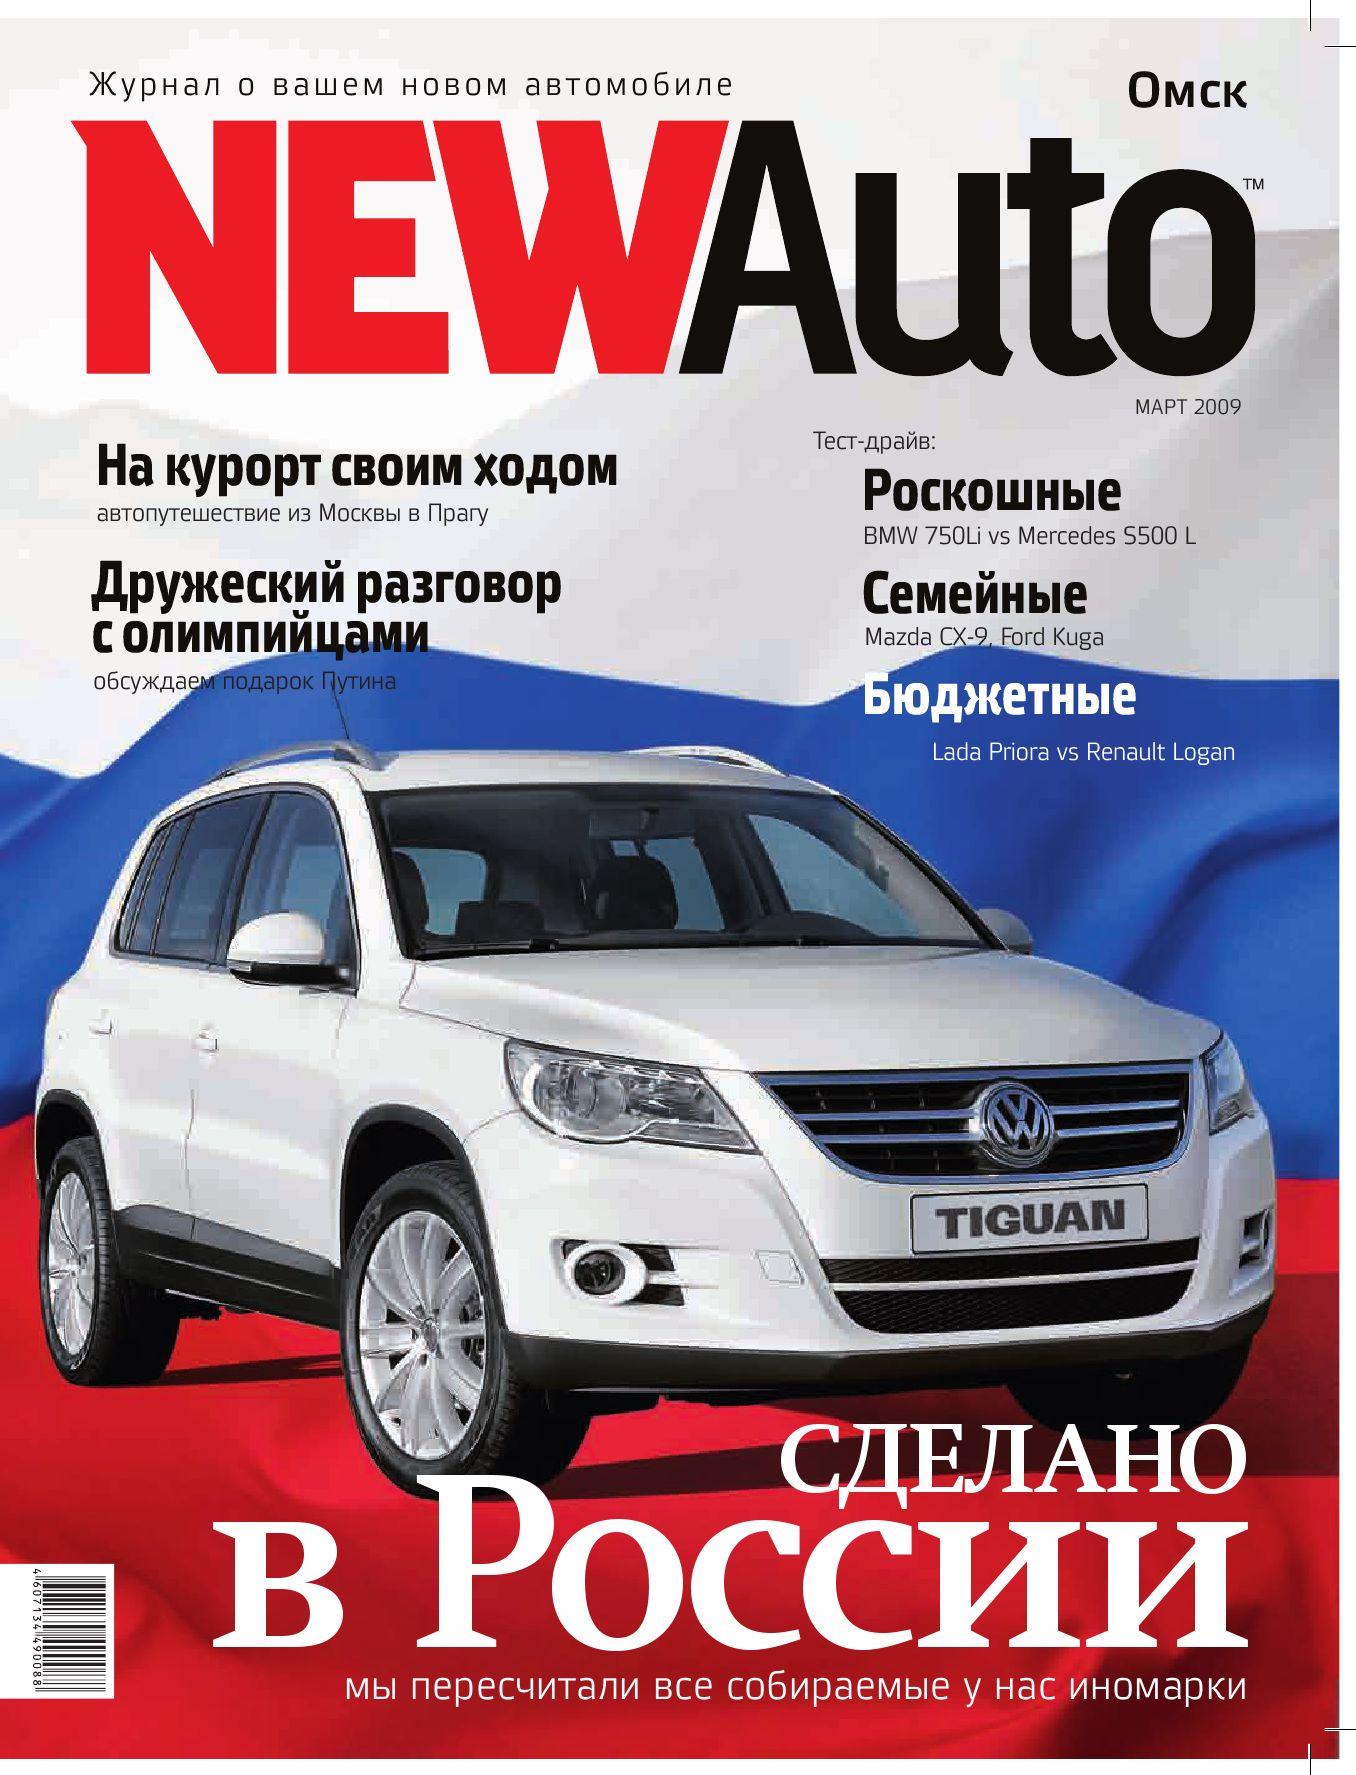 Автоломбард саранск м1 купить авто отзывы автосалон плаза москва авто с пробегом отзывы